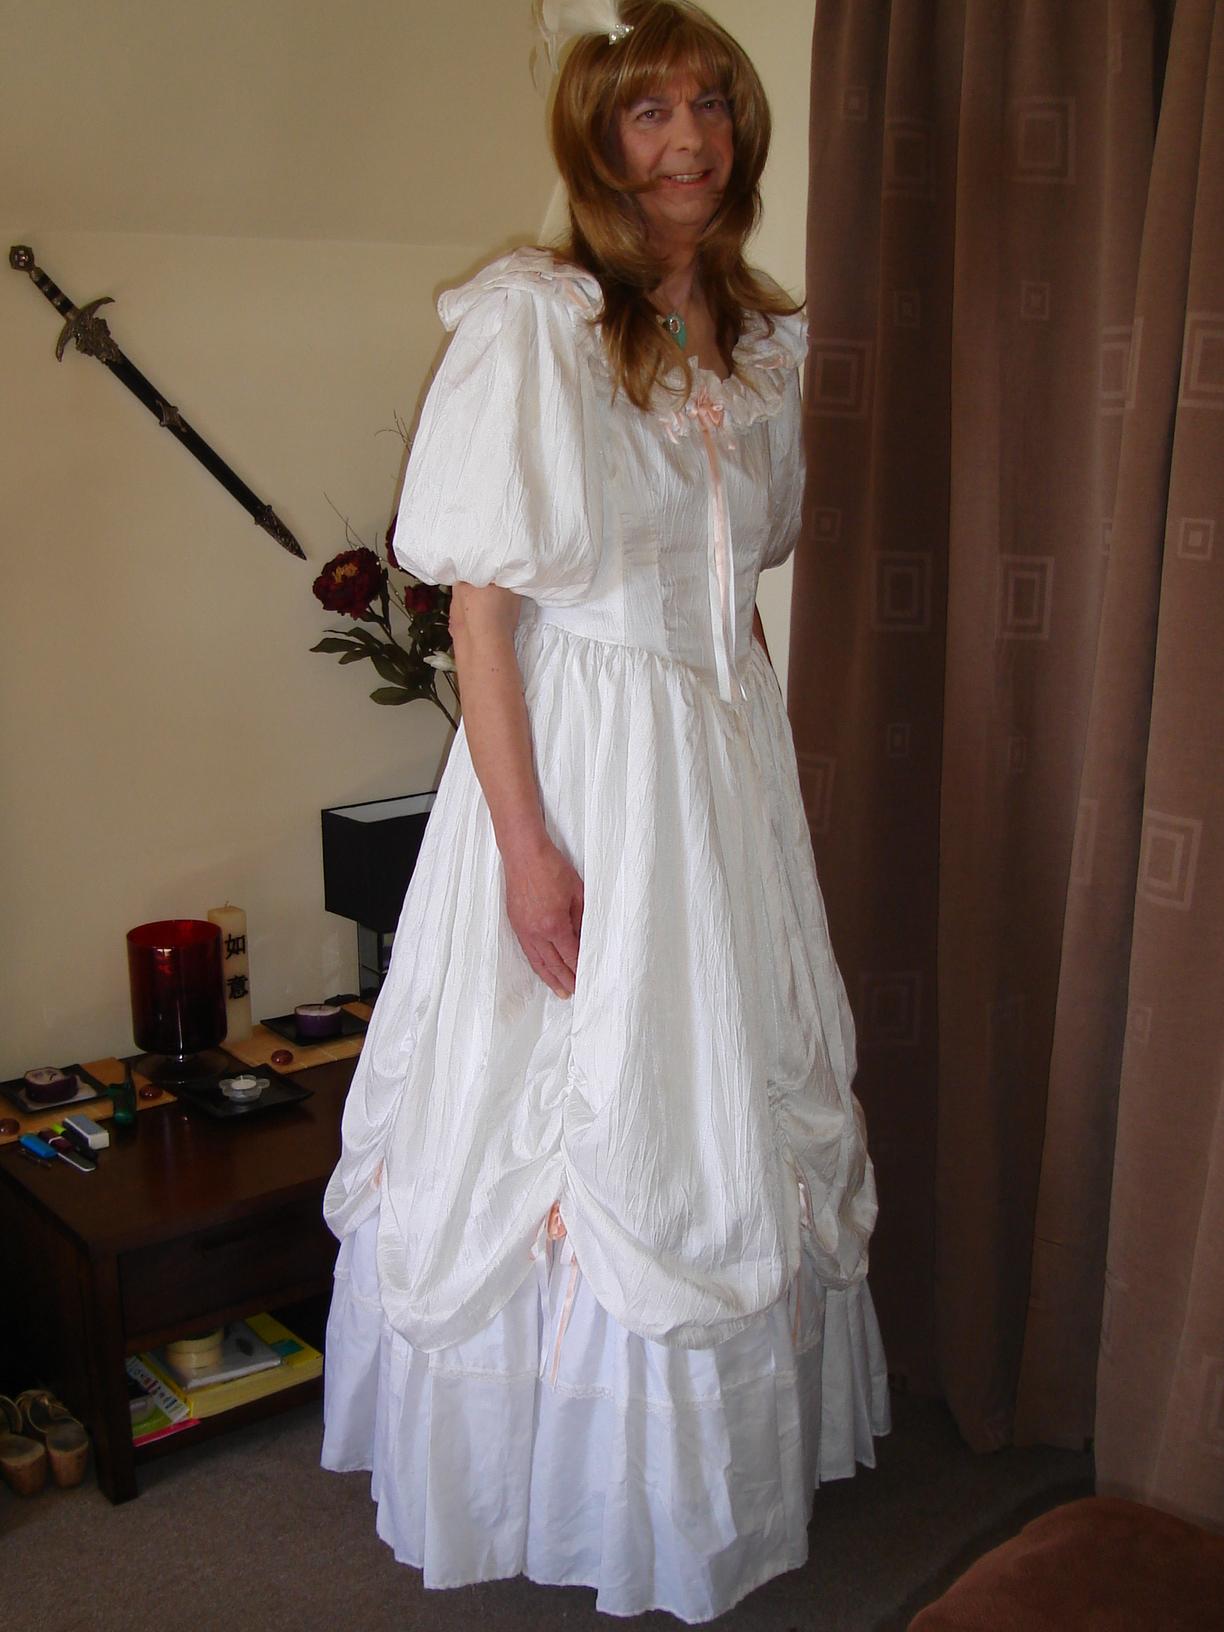 My Wedding Day ..... at last I am ready!